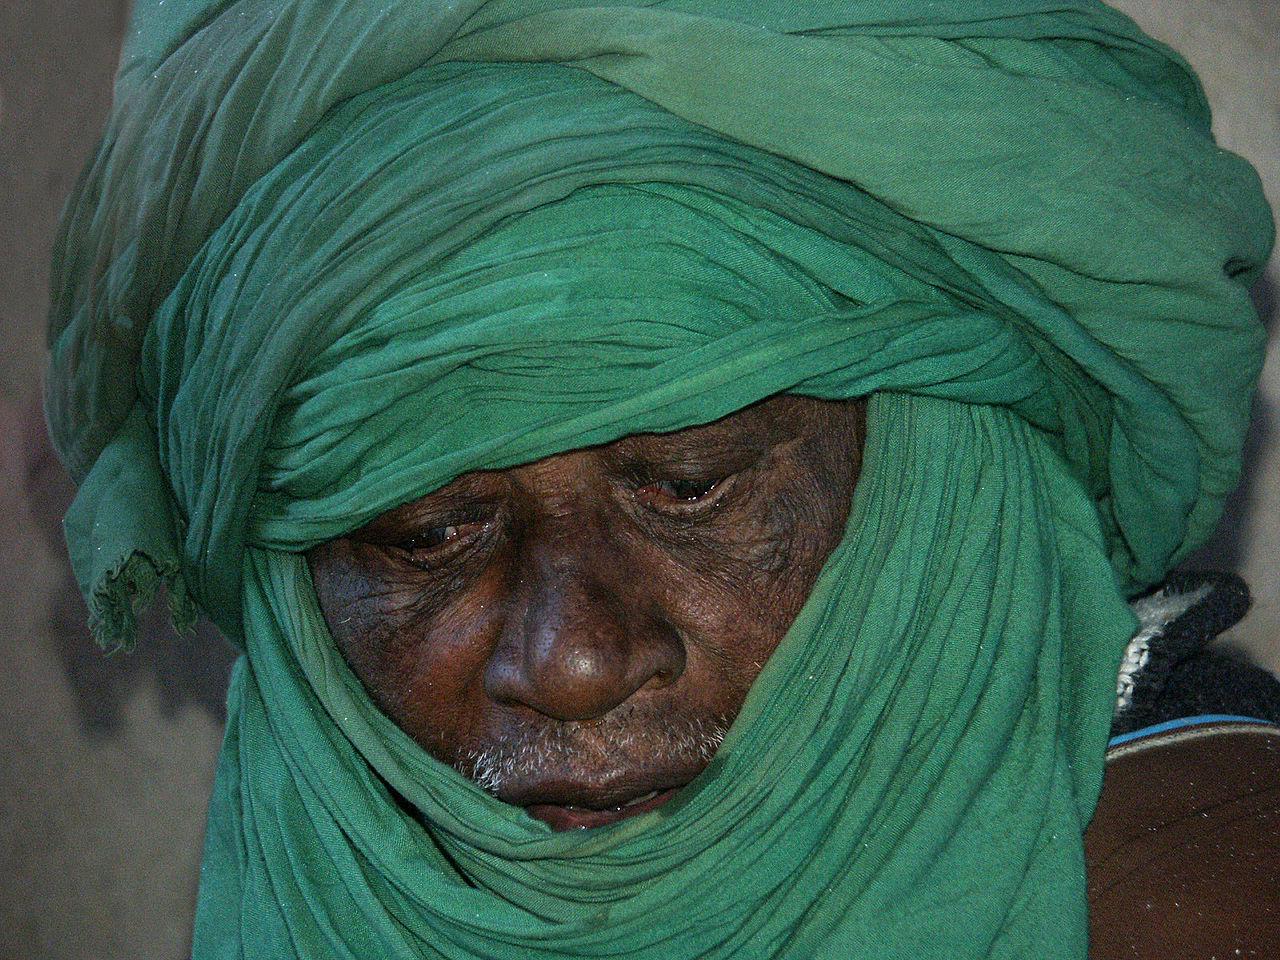 22_Wikicommons_Tuareg_Garrondo.JPG